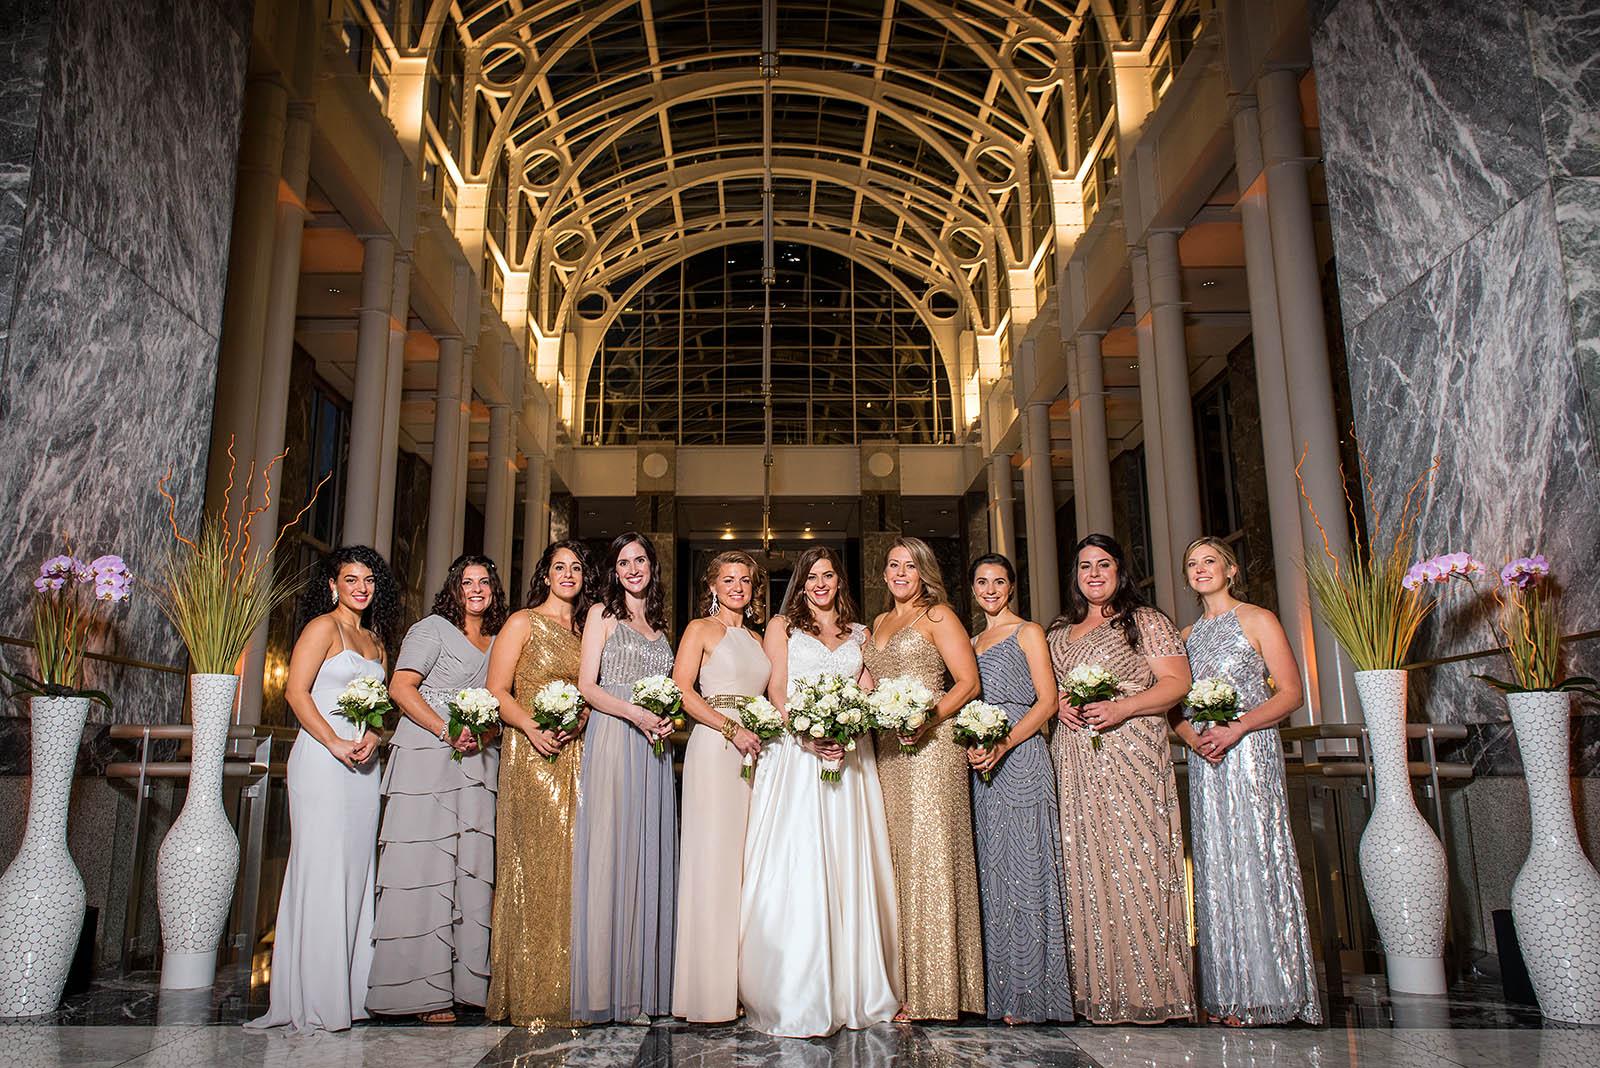 Bride Bridesmaids Pazzos 311